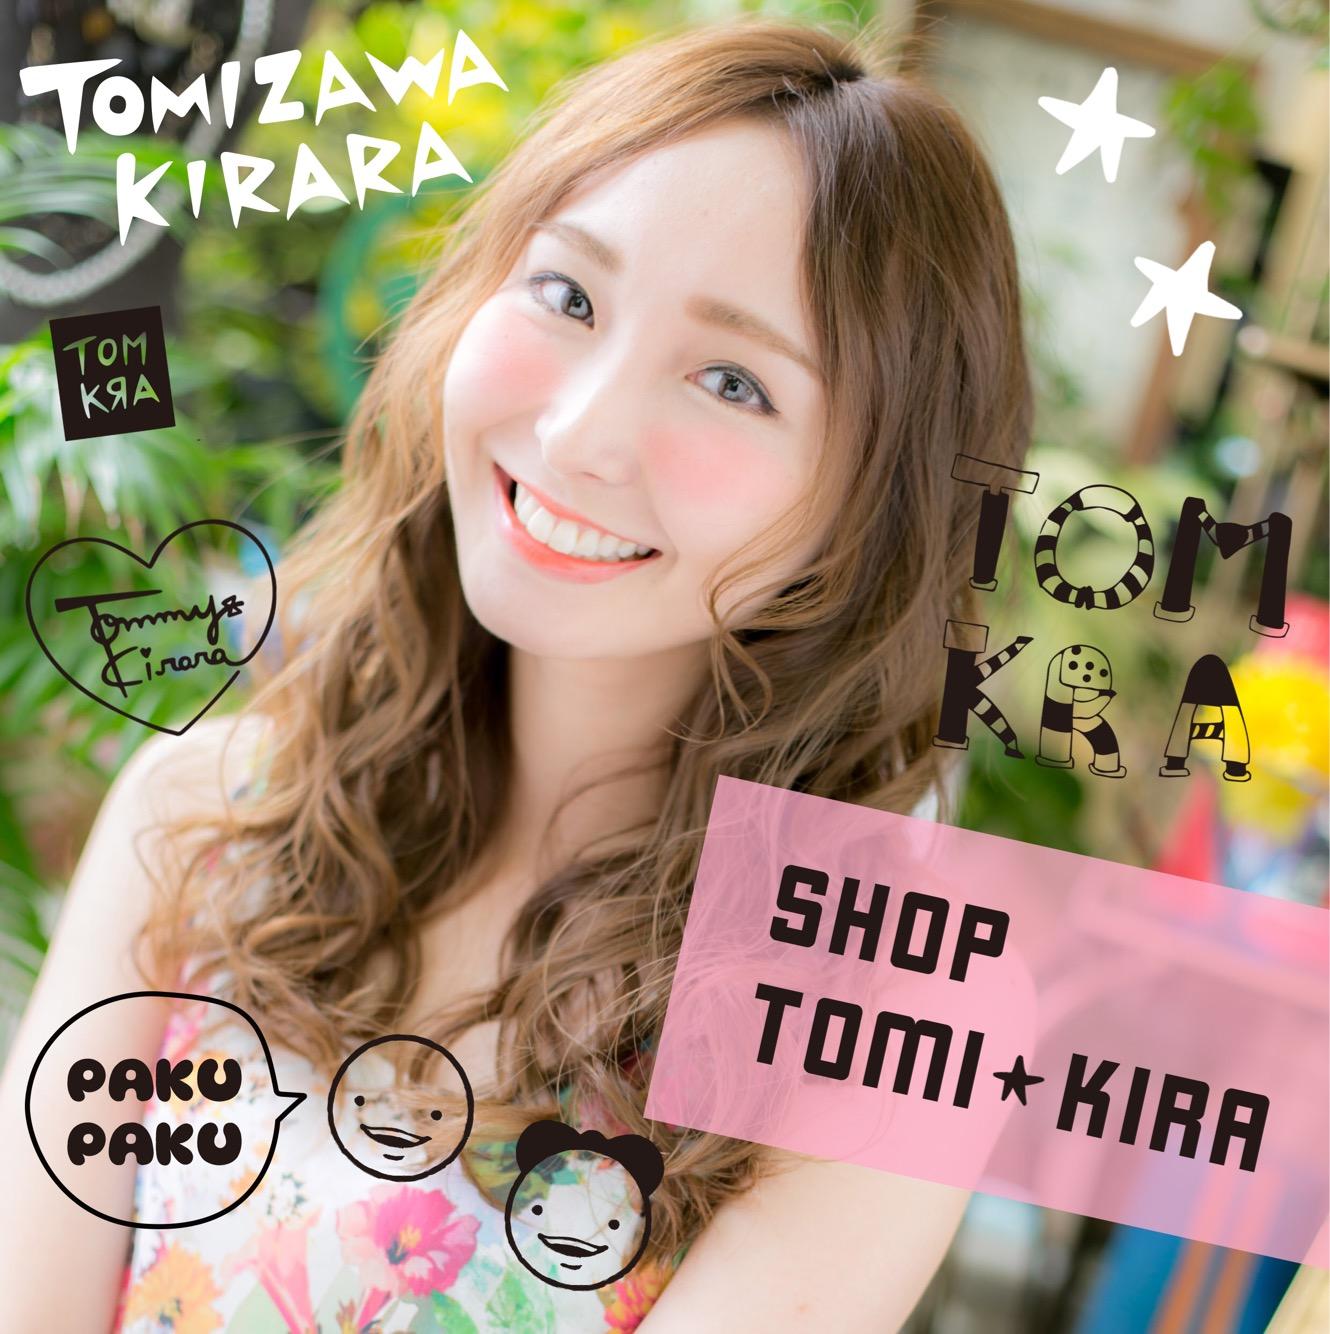 SHOP TOMI★KIRA